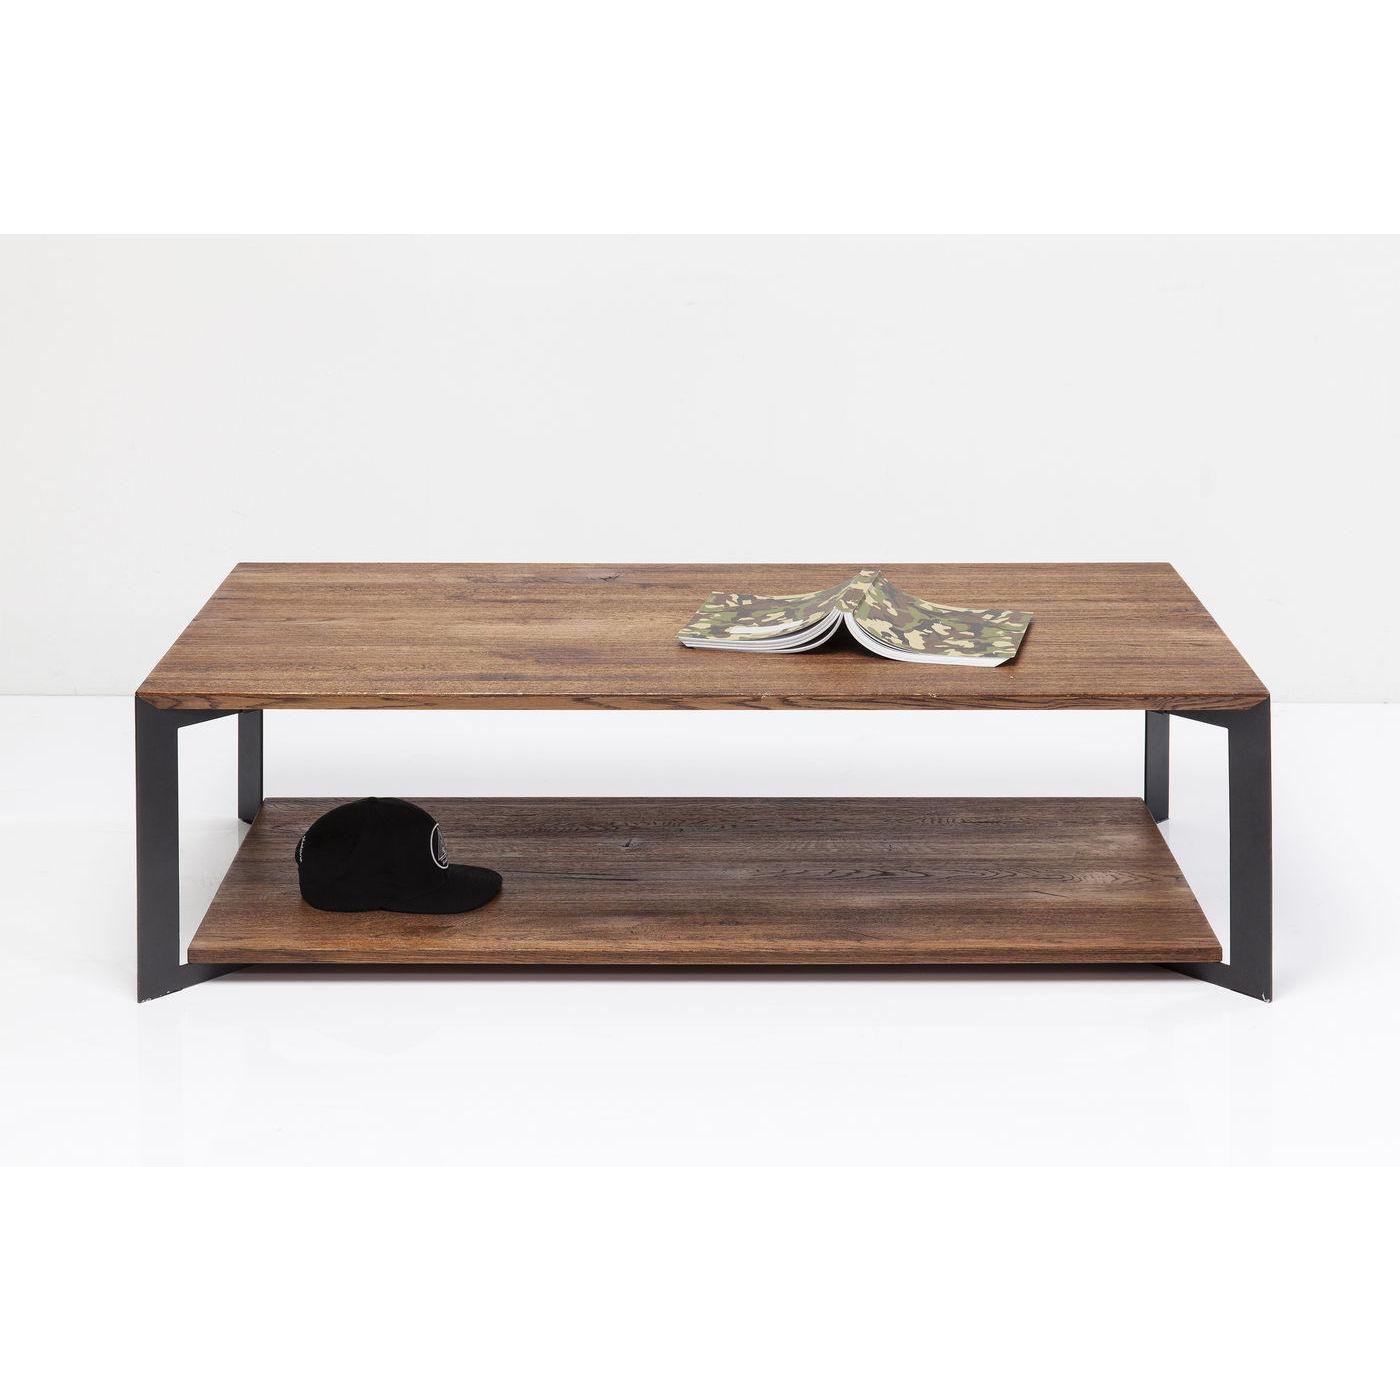 Kare design phoenix sofabord - natur egetræ/stål, m. hylde (140x70) fra kare design på boboonline.dk